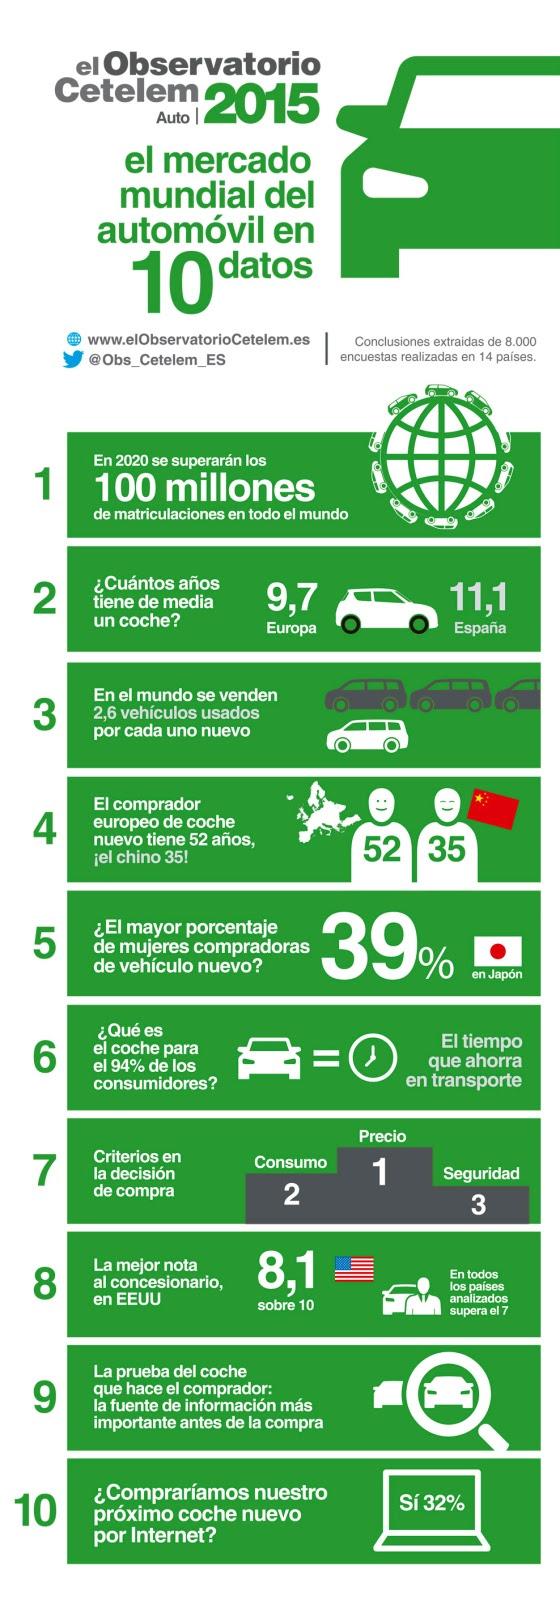 El mercado mundial del automóvil en 10 datos